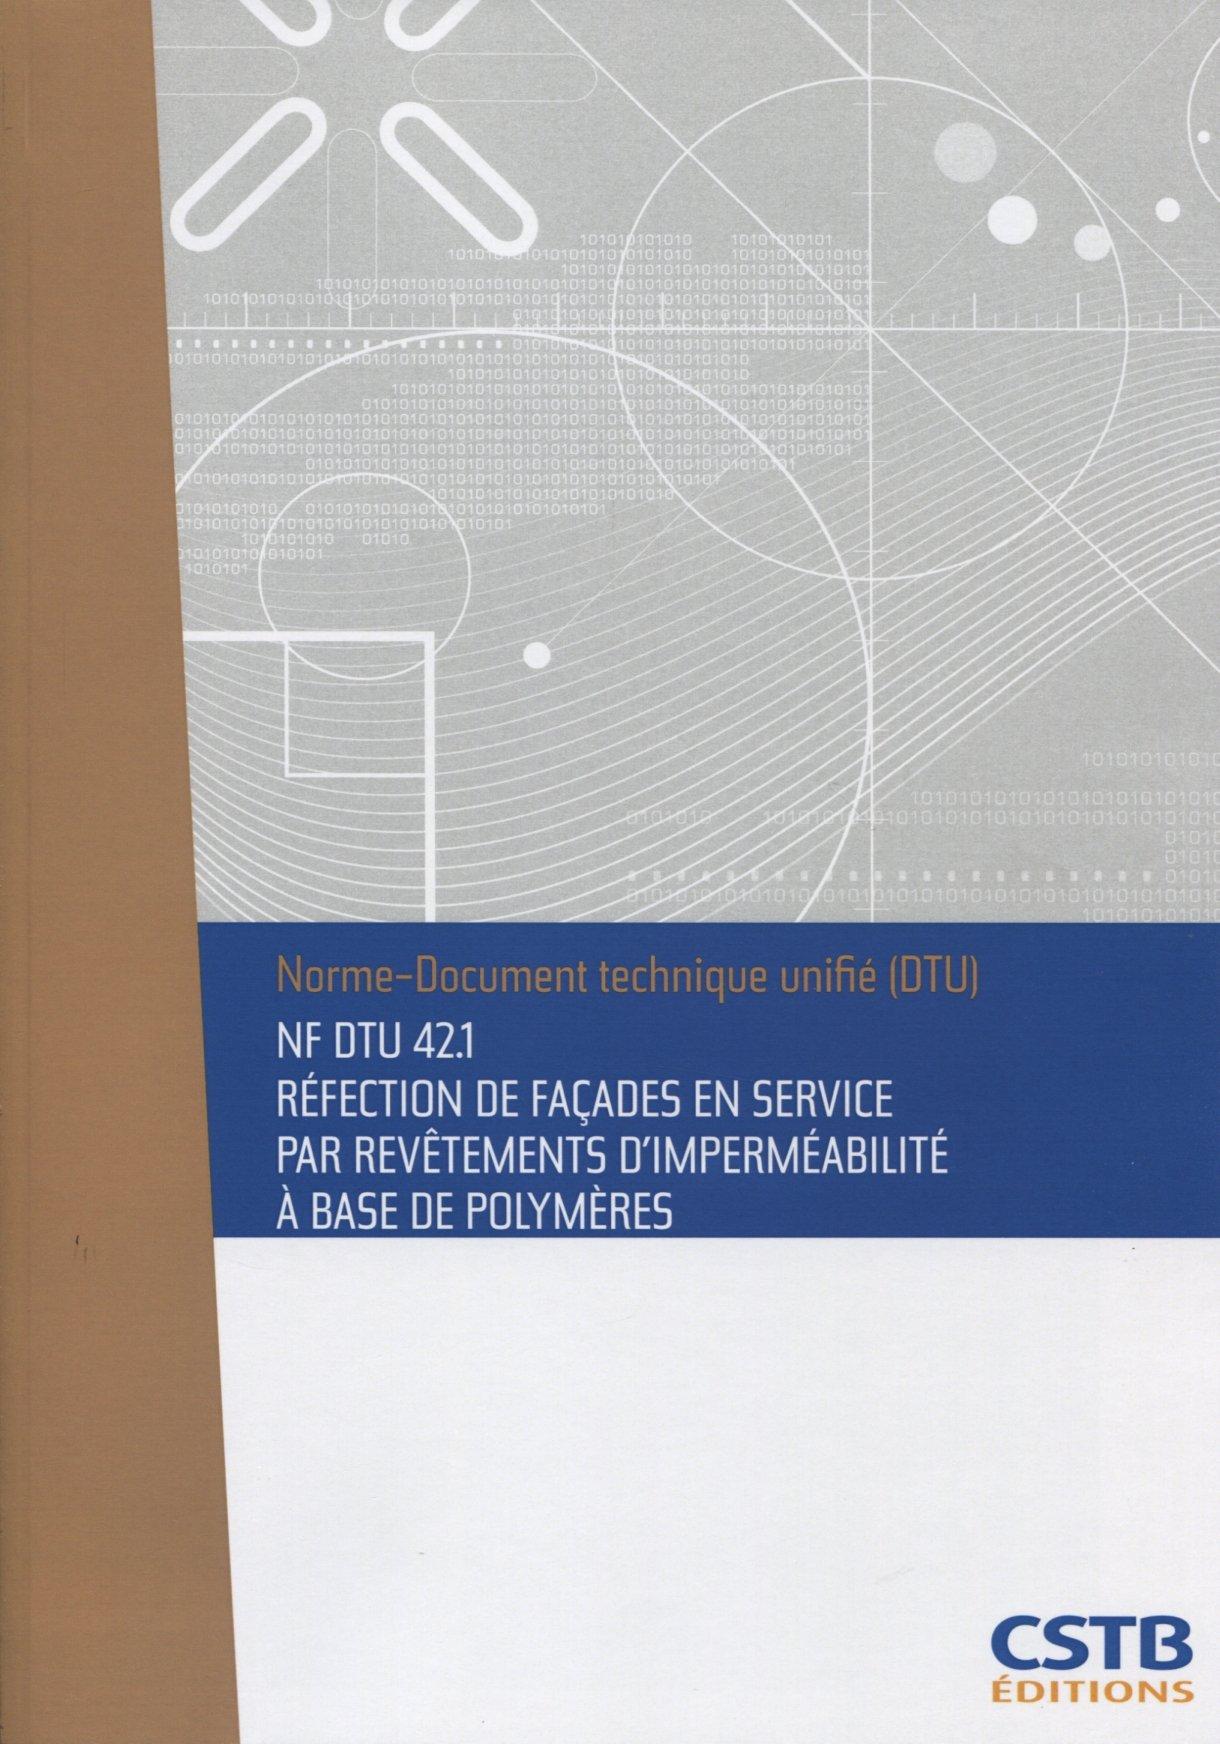 NF DTU 42.1 Réfection de façades en service par revêtements d'imperméabilité à base de polymères. Nouvelle formule ebook